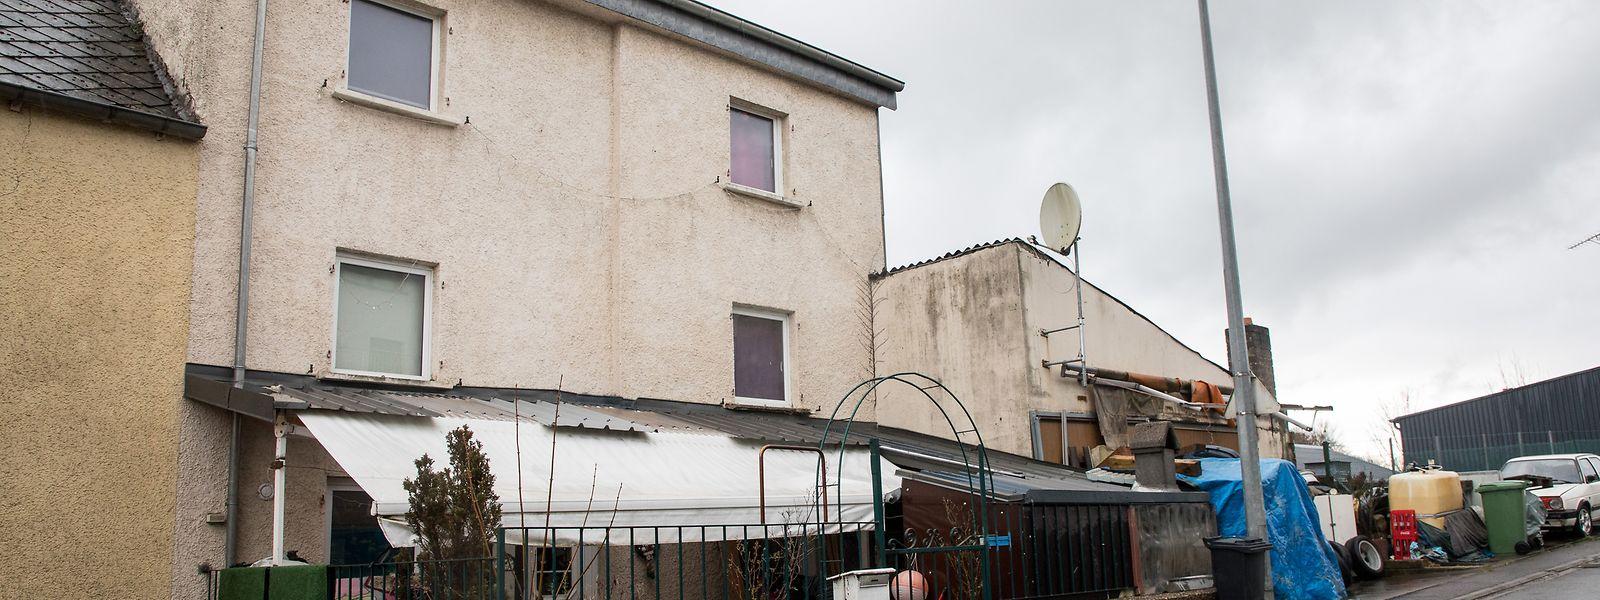 Für 550000 Euro hat die Gemeinde Dippach dieses Haus in der Rue Tajel in Schouweiler gekauft.